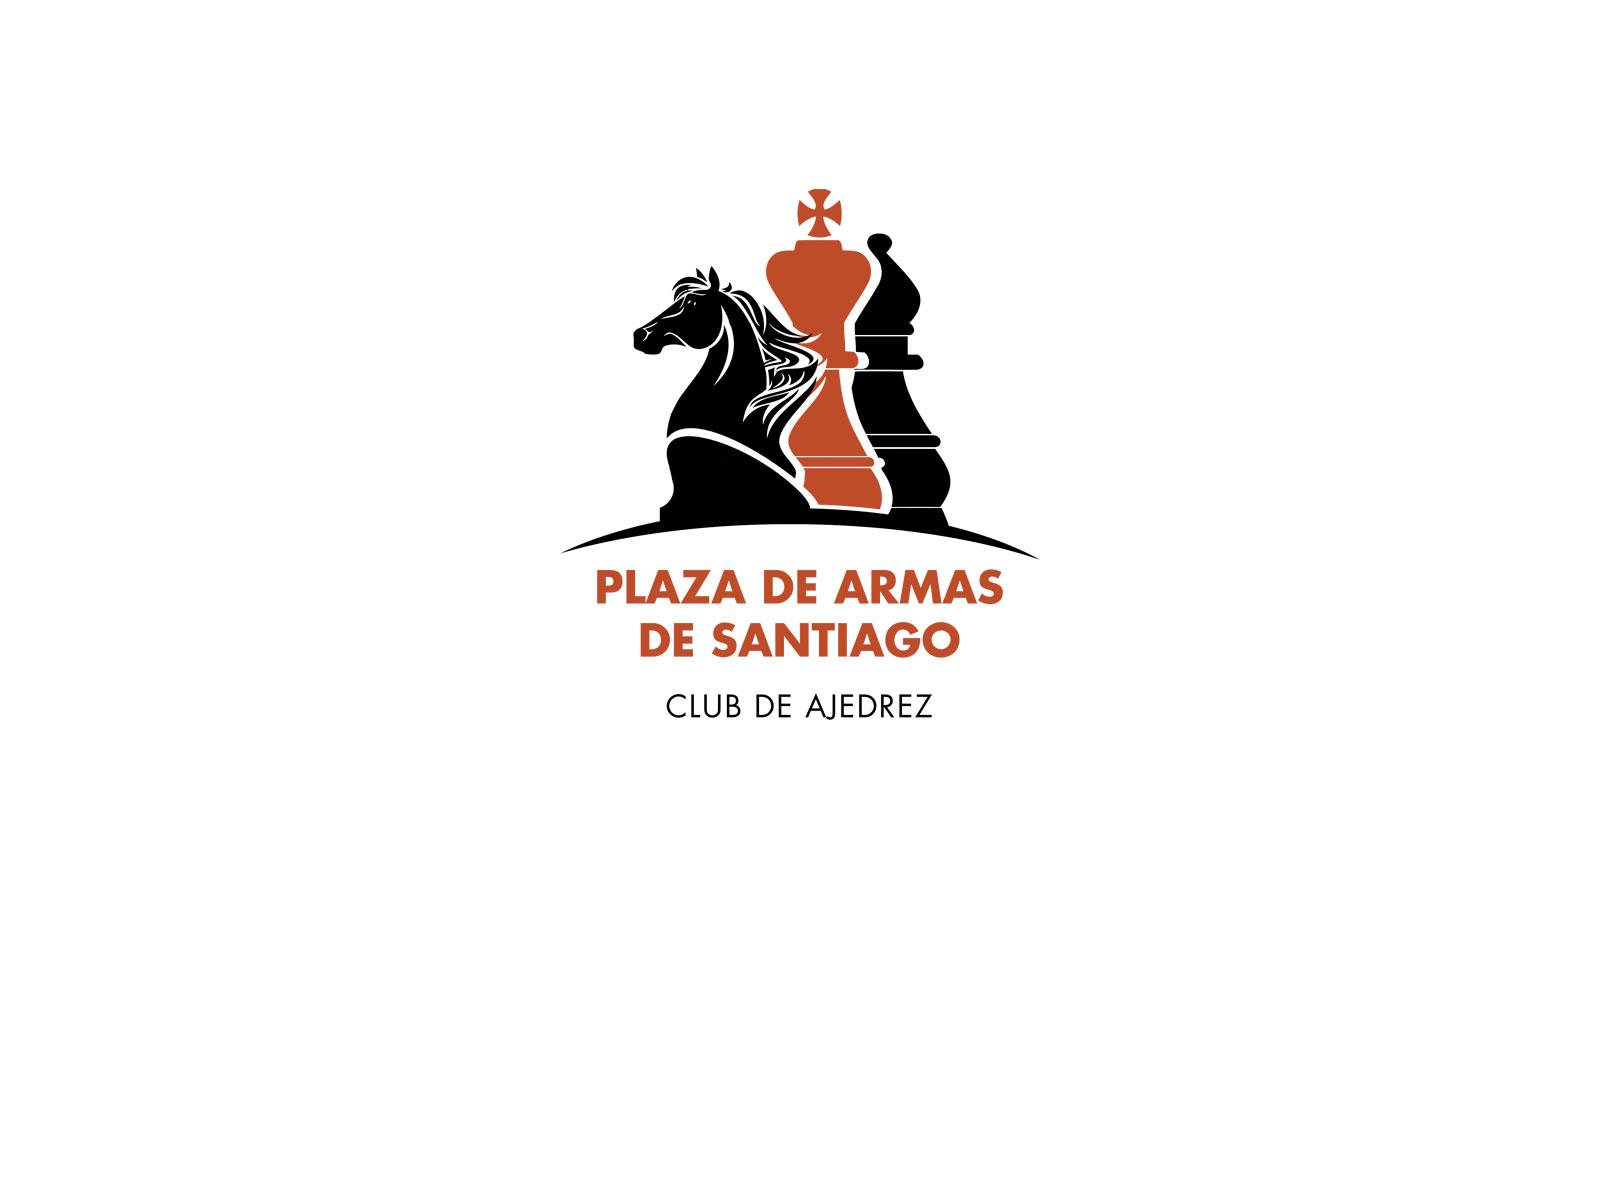 Club de Ajedrez Plaza de Armas